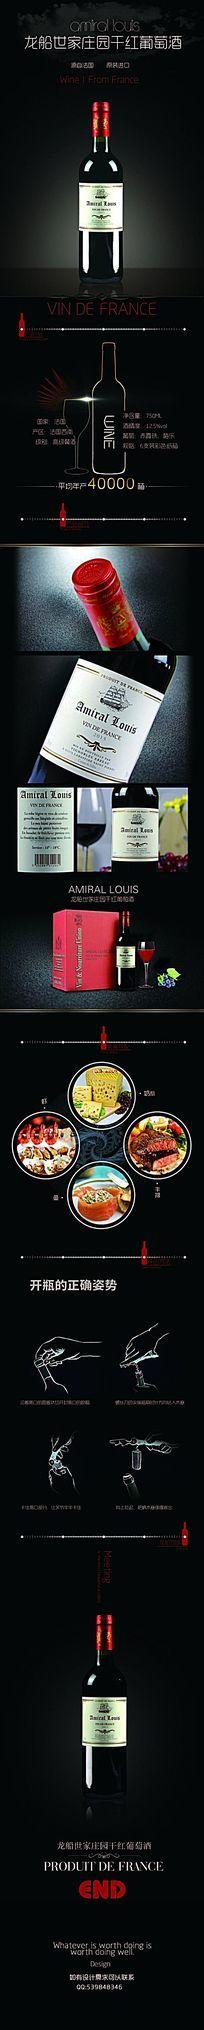 淘宝高端葡萄酒详情页模板